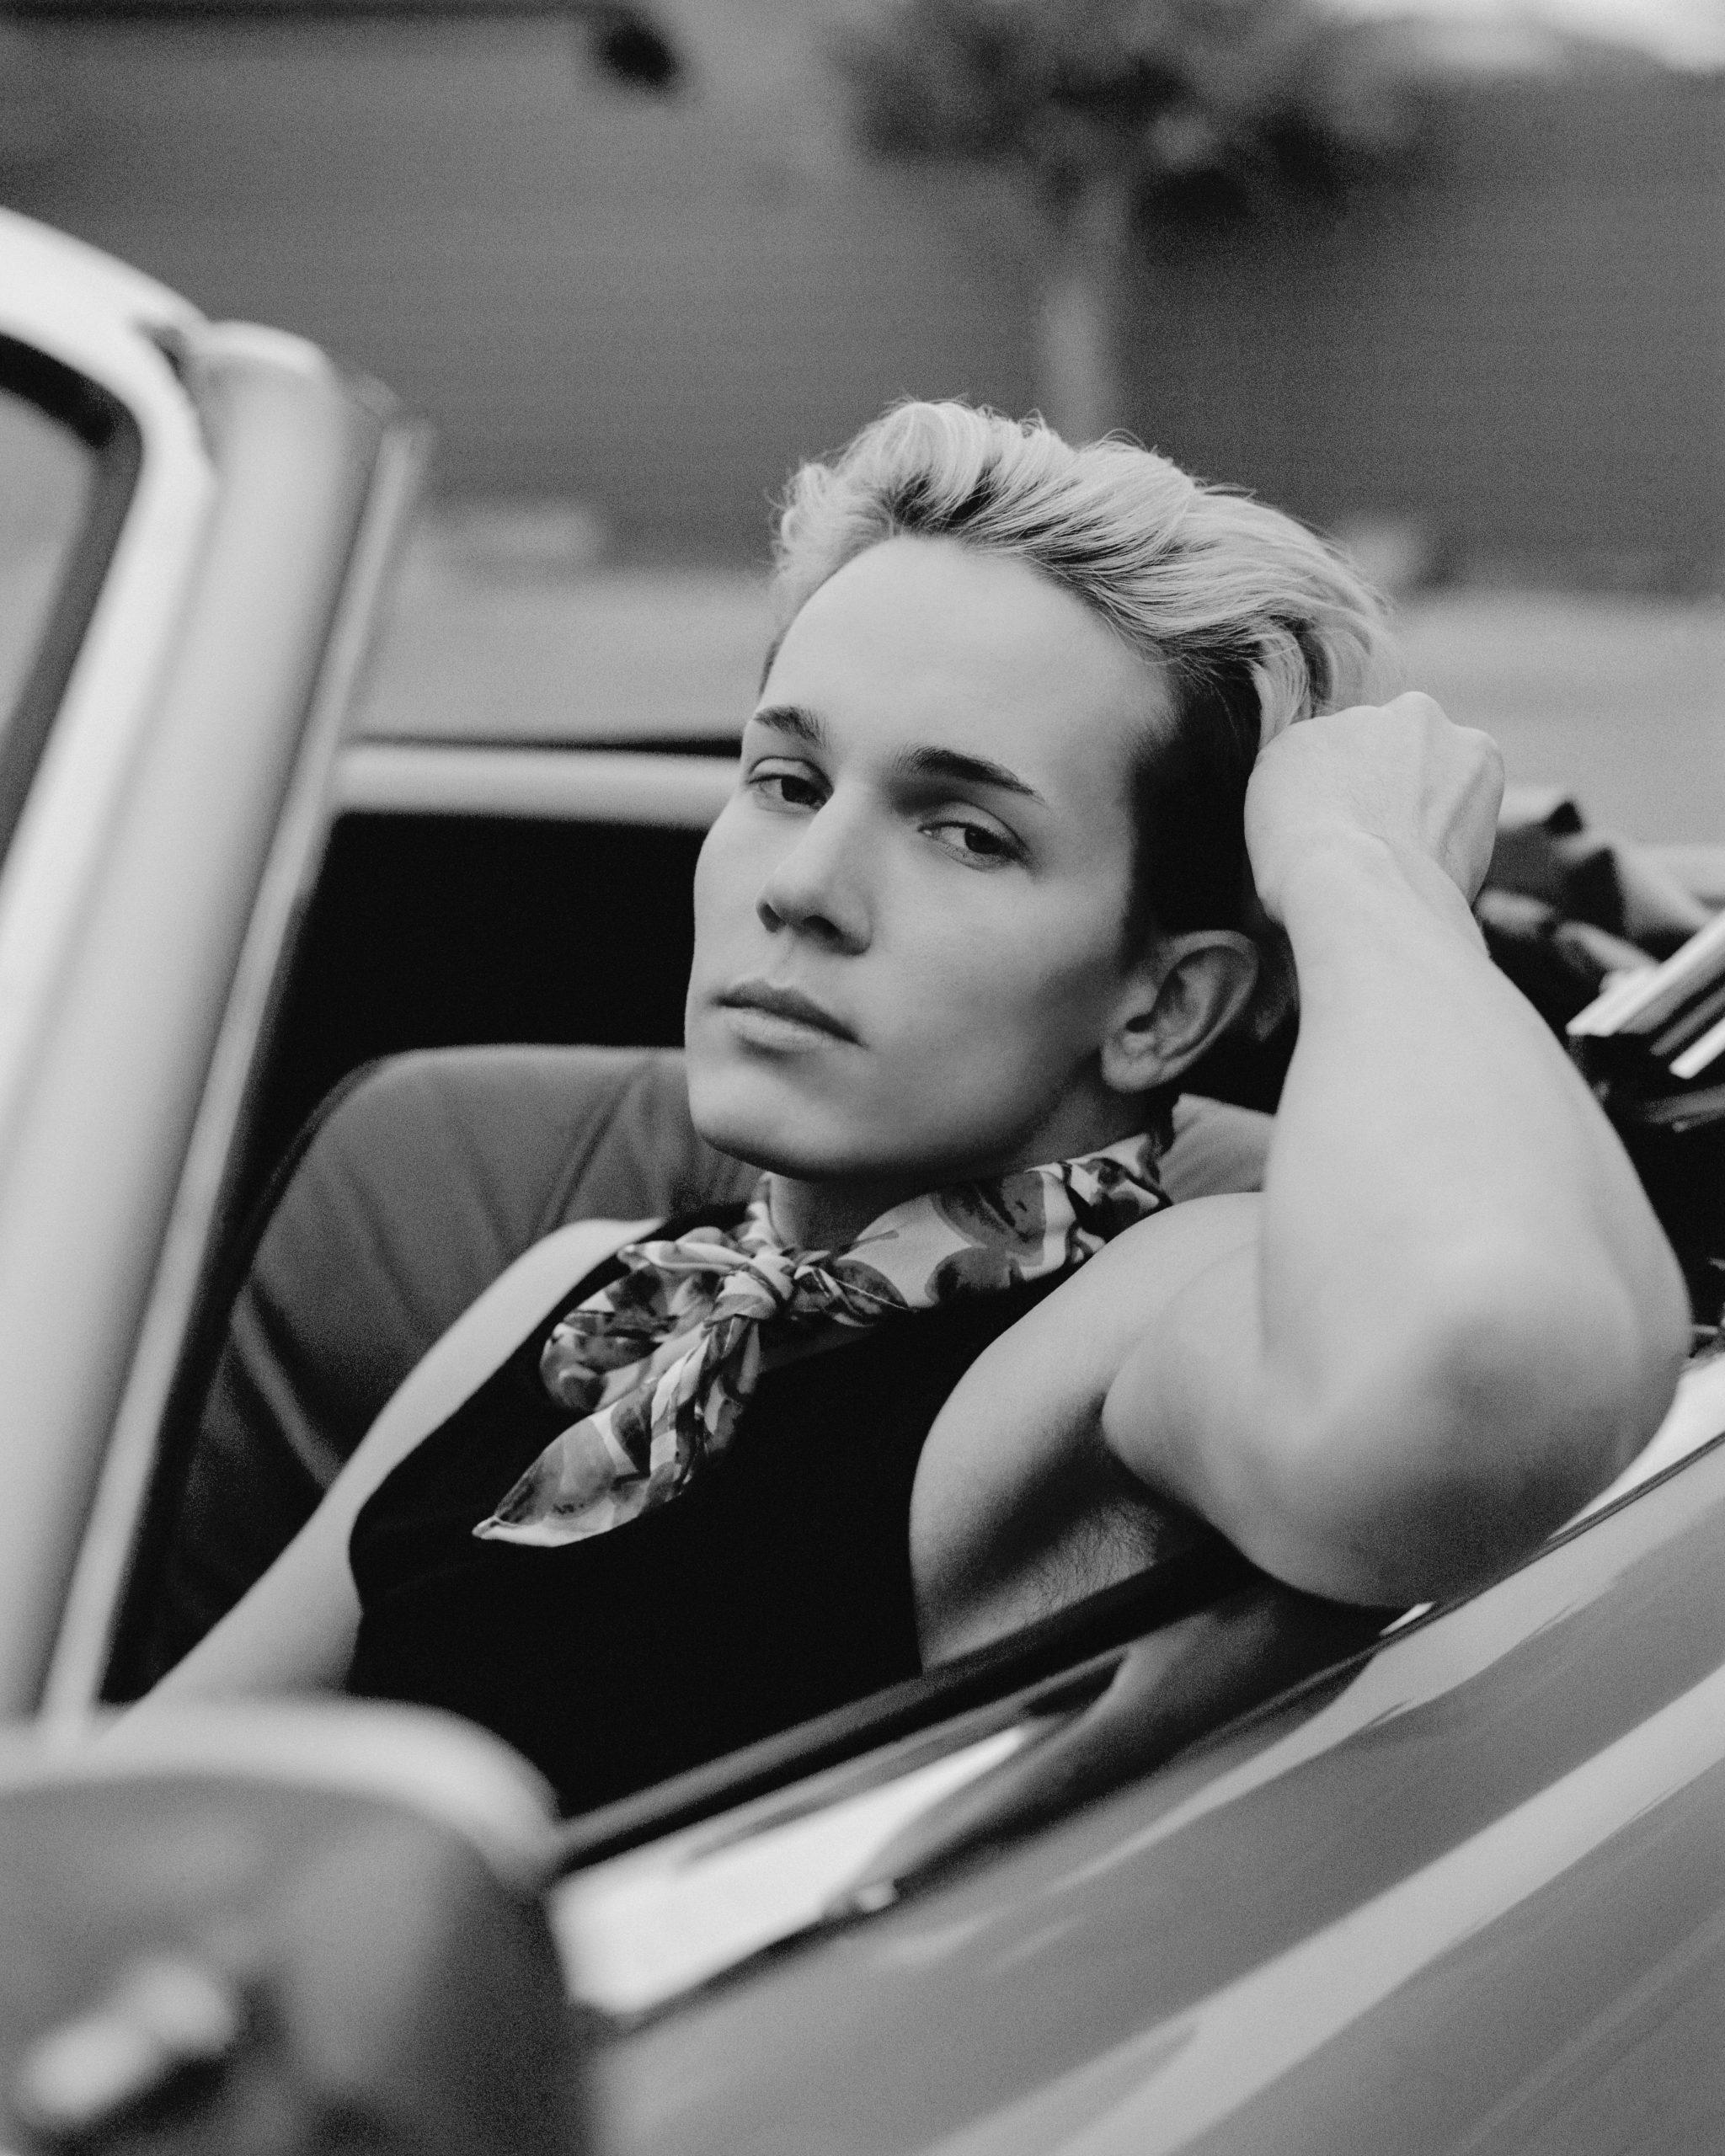 McKenzie in a car.